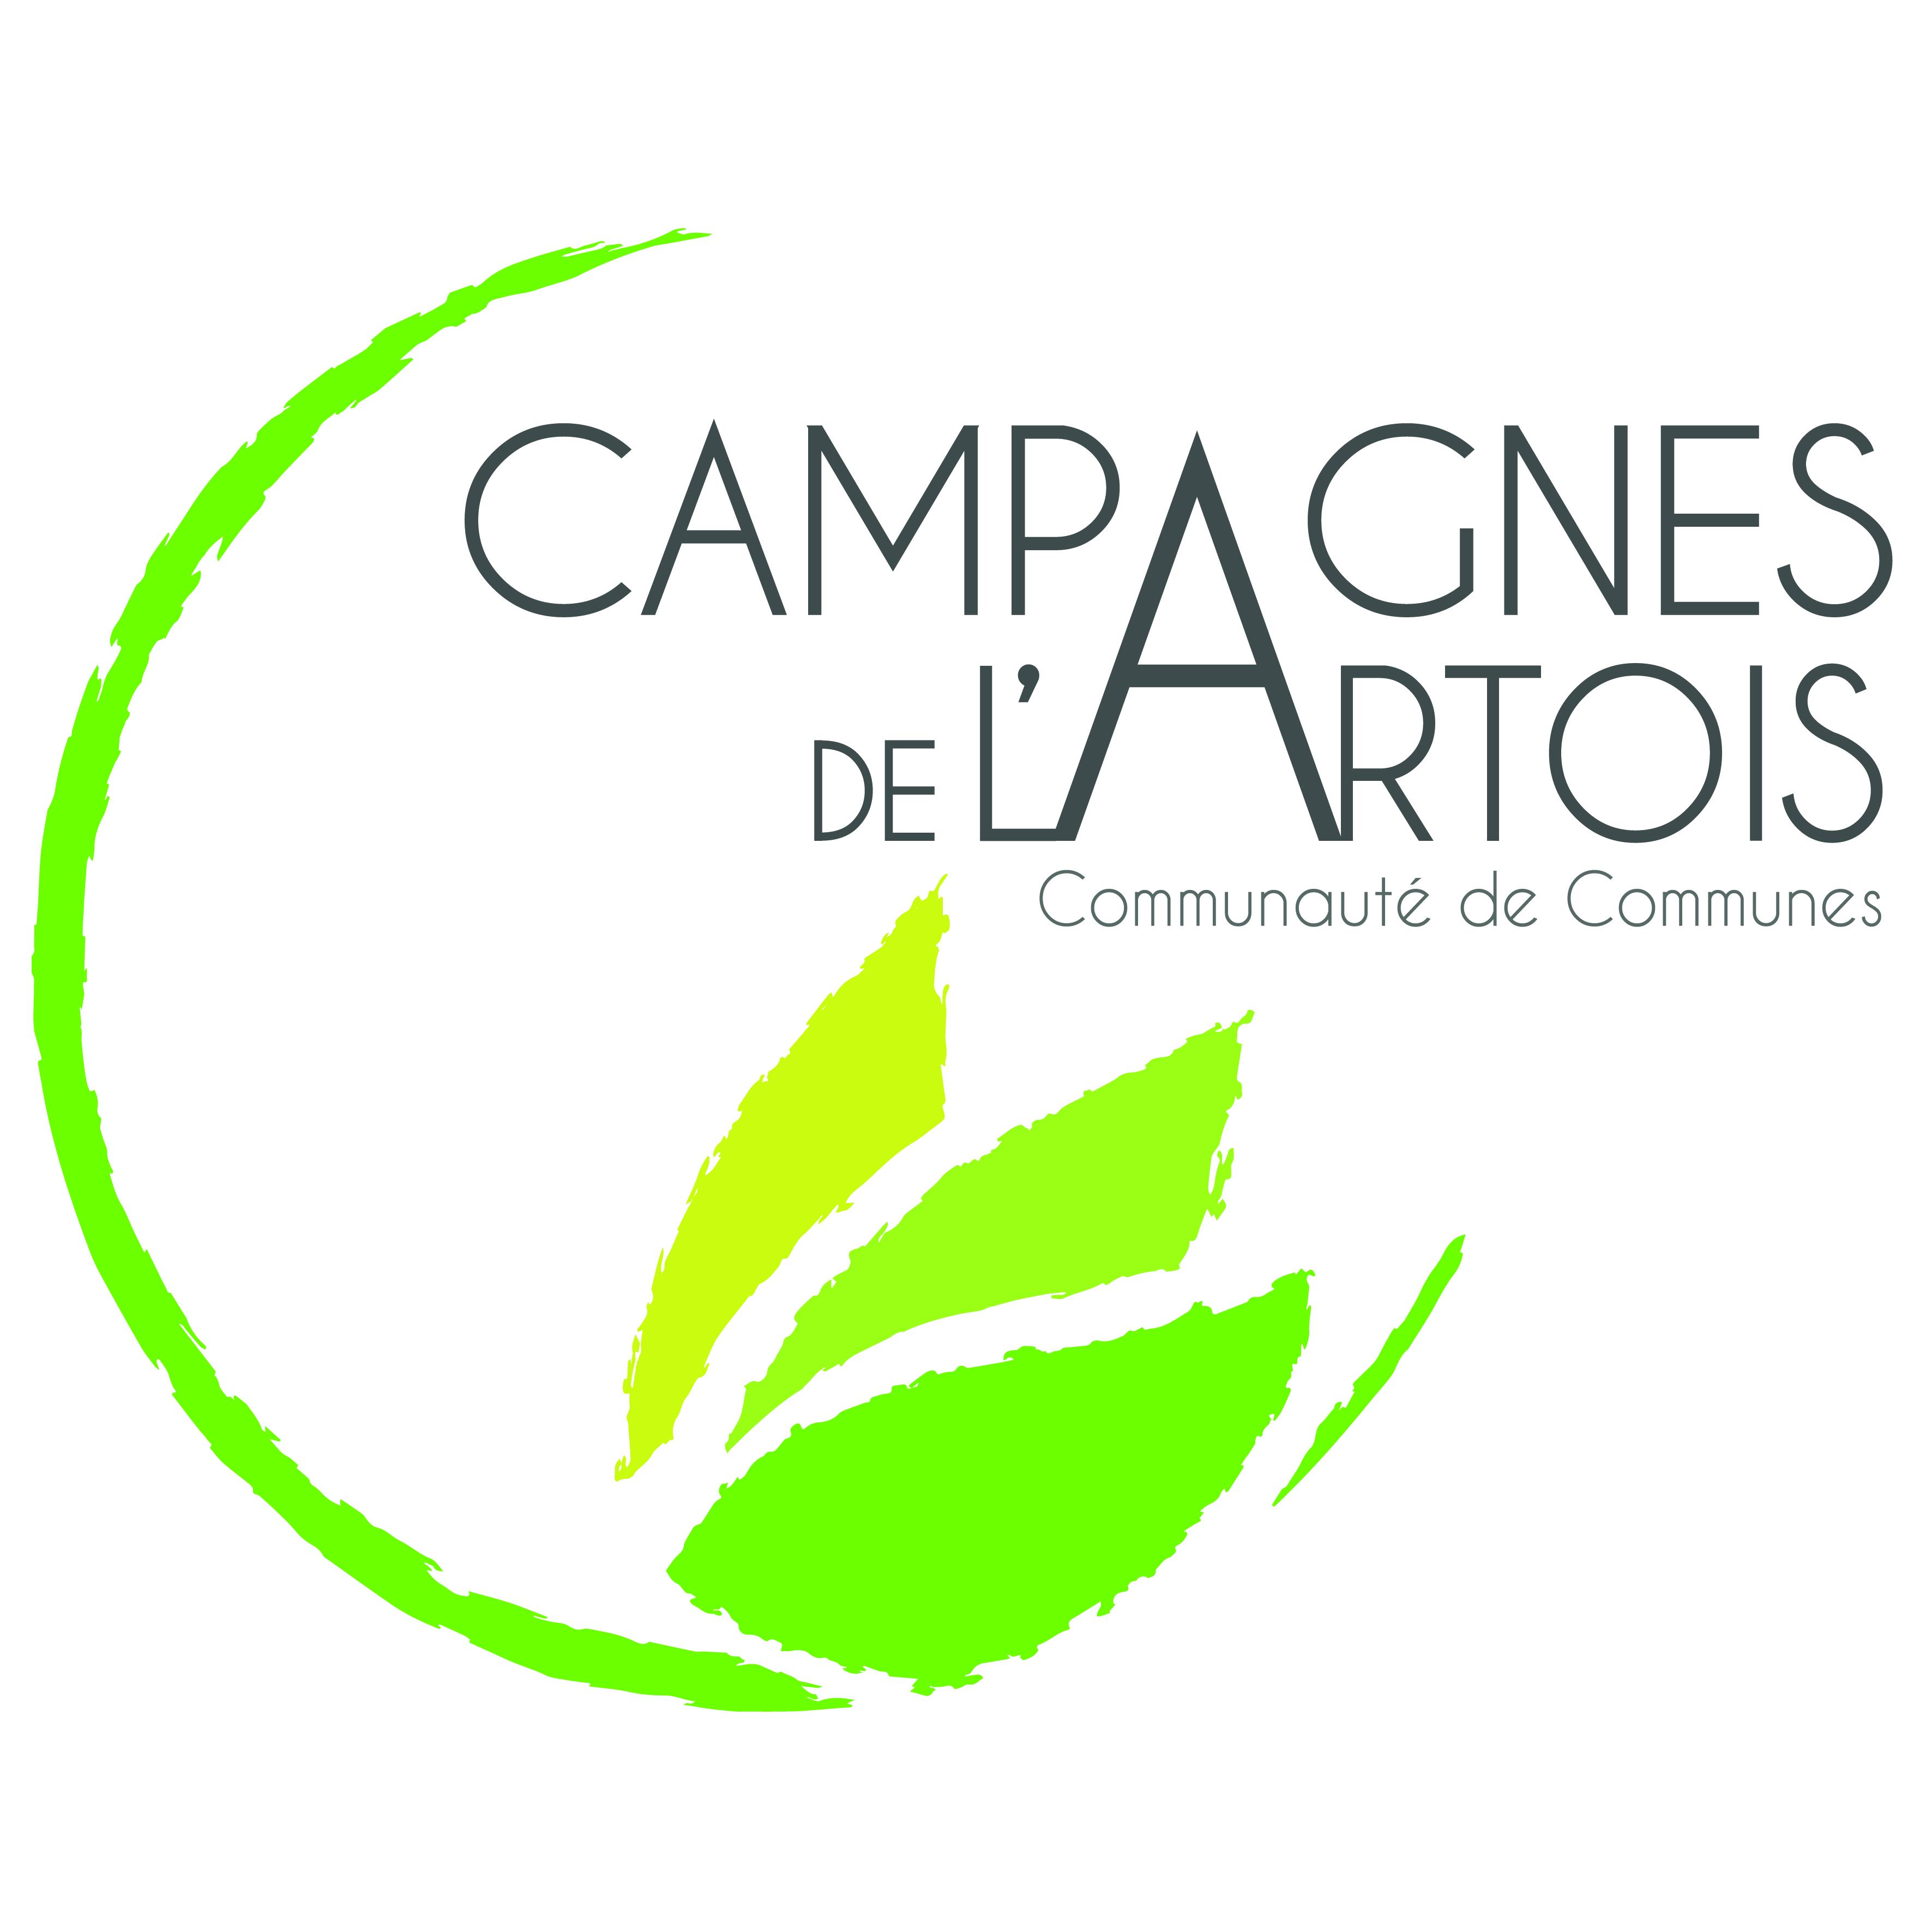 COMMUNAUTE DE COMMUNE CAMPAGNES DE L